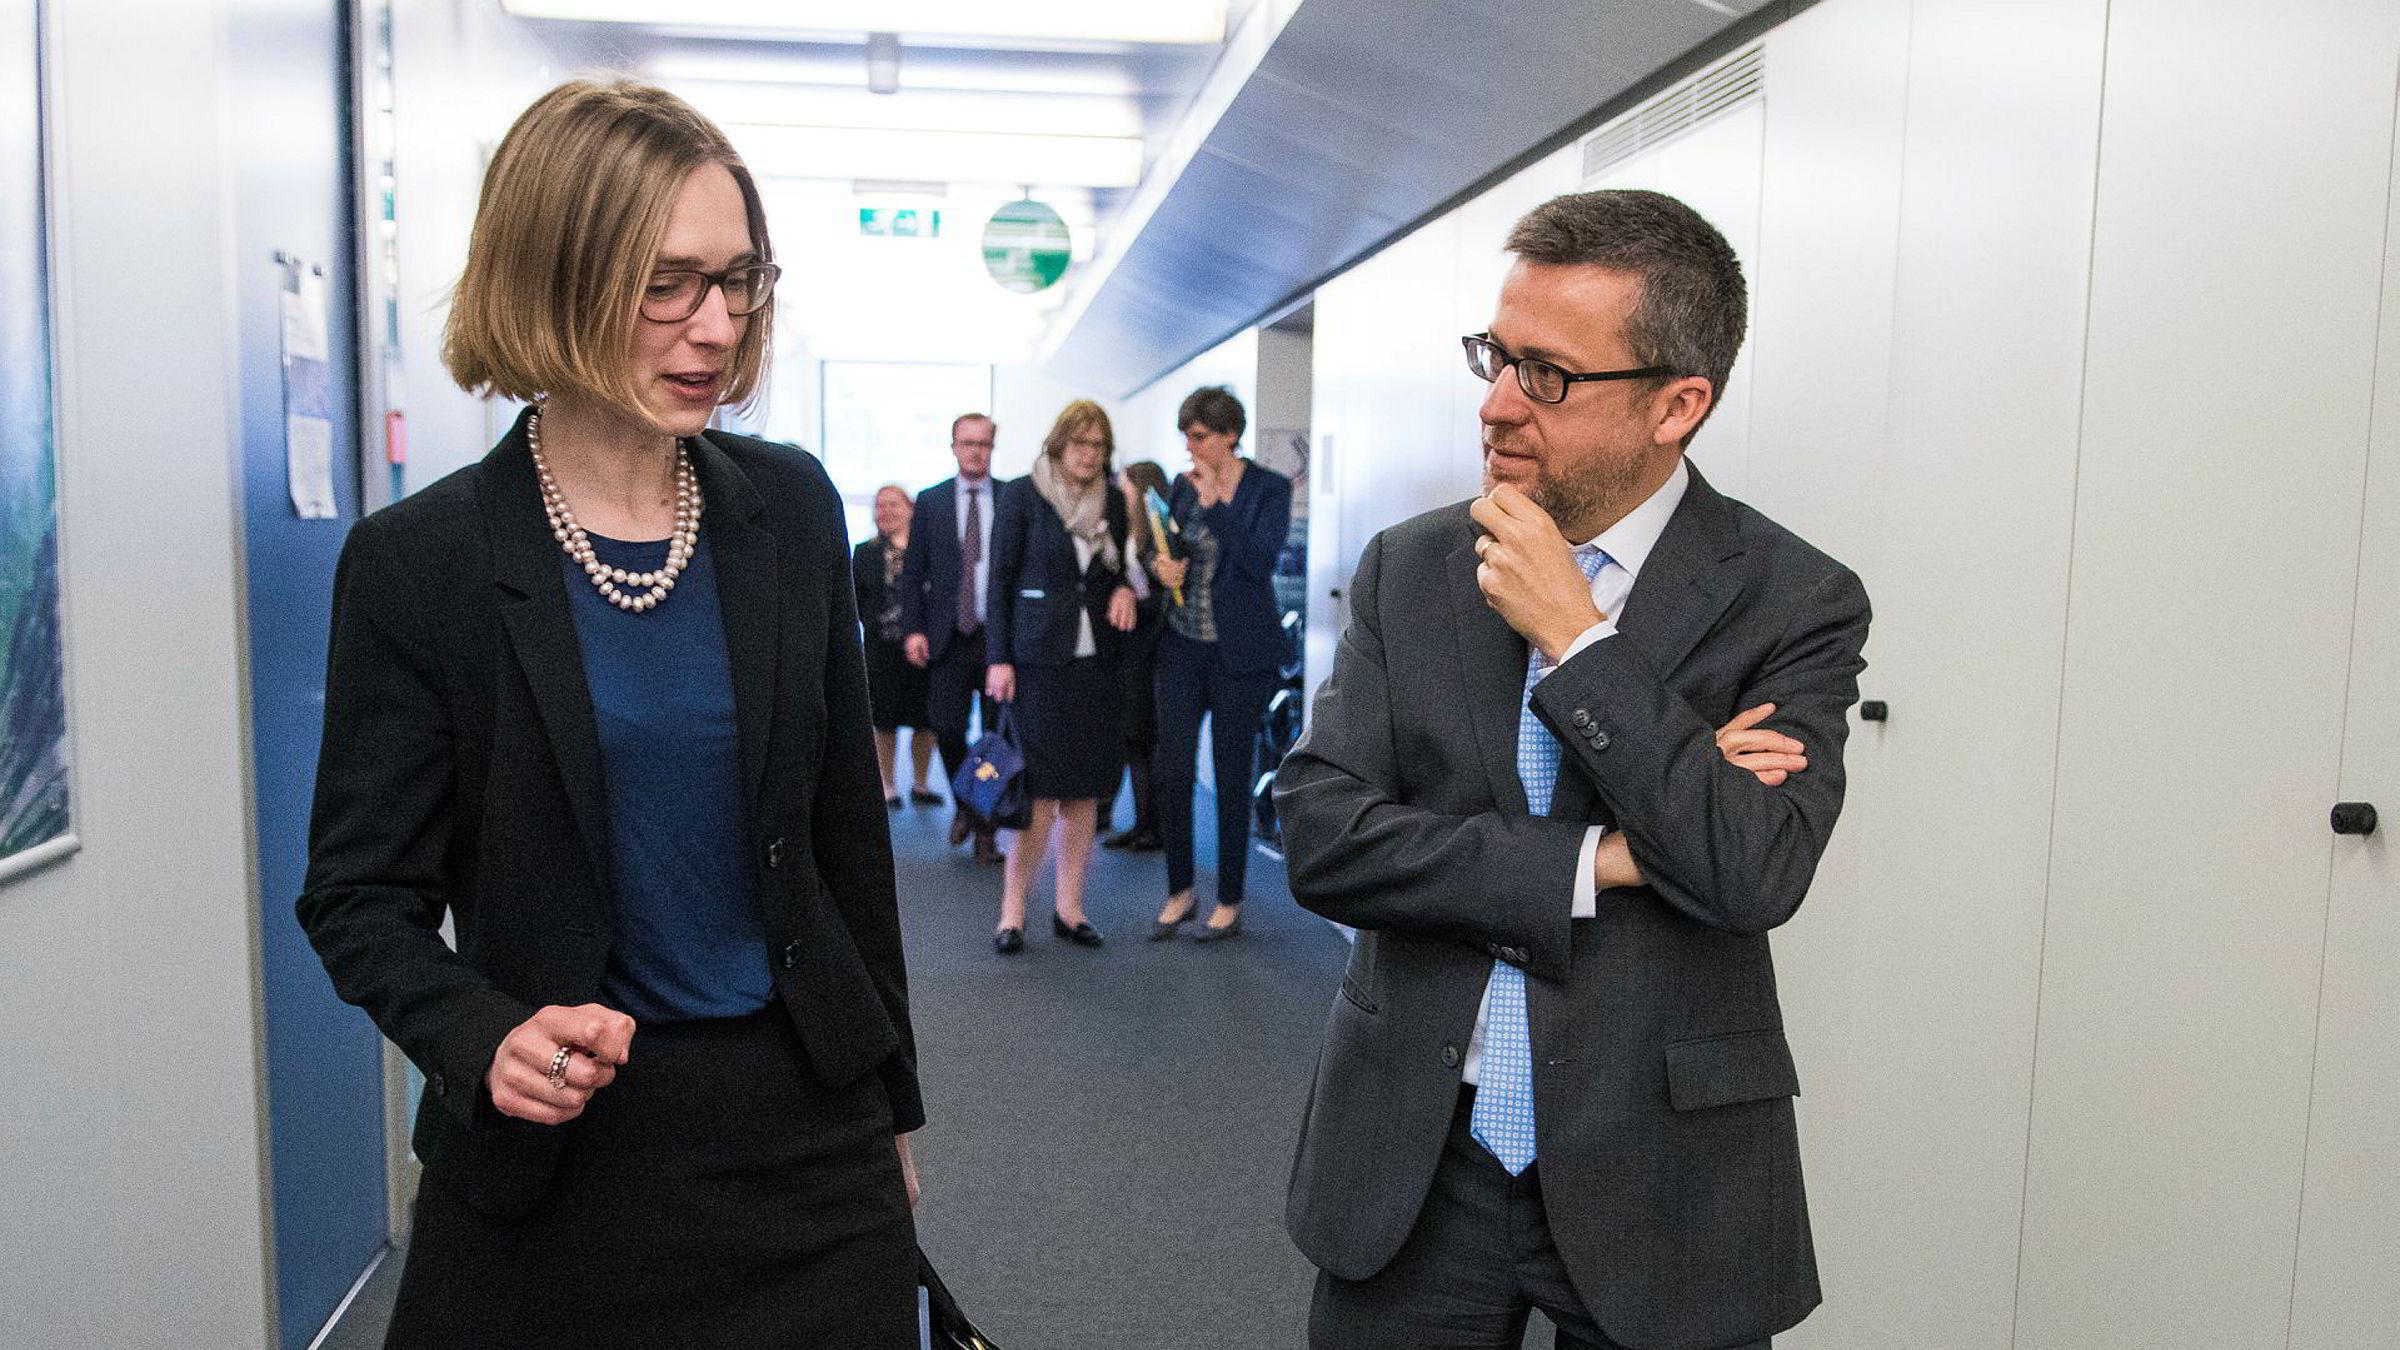 Forskningsminister Iselin Nybø besøkte nylig EUs forskningskommissær Carlos Moedas i Brussel. Norge bidrar med milliarder til EUs forskningsprogram, som EU-kommisjonen nå ønsker å gjøre enda større.